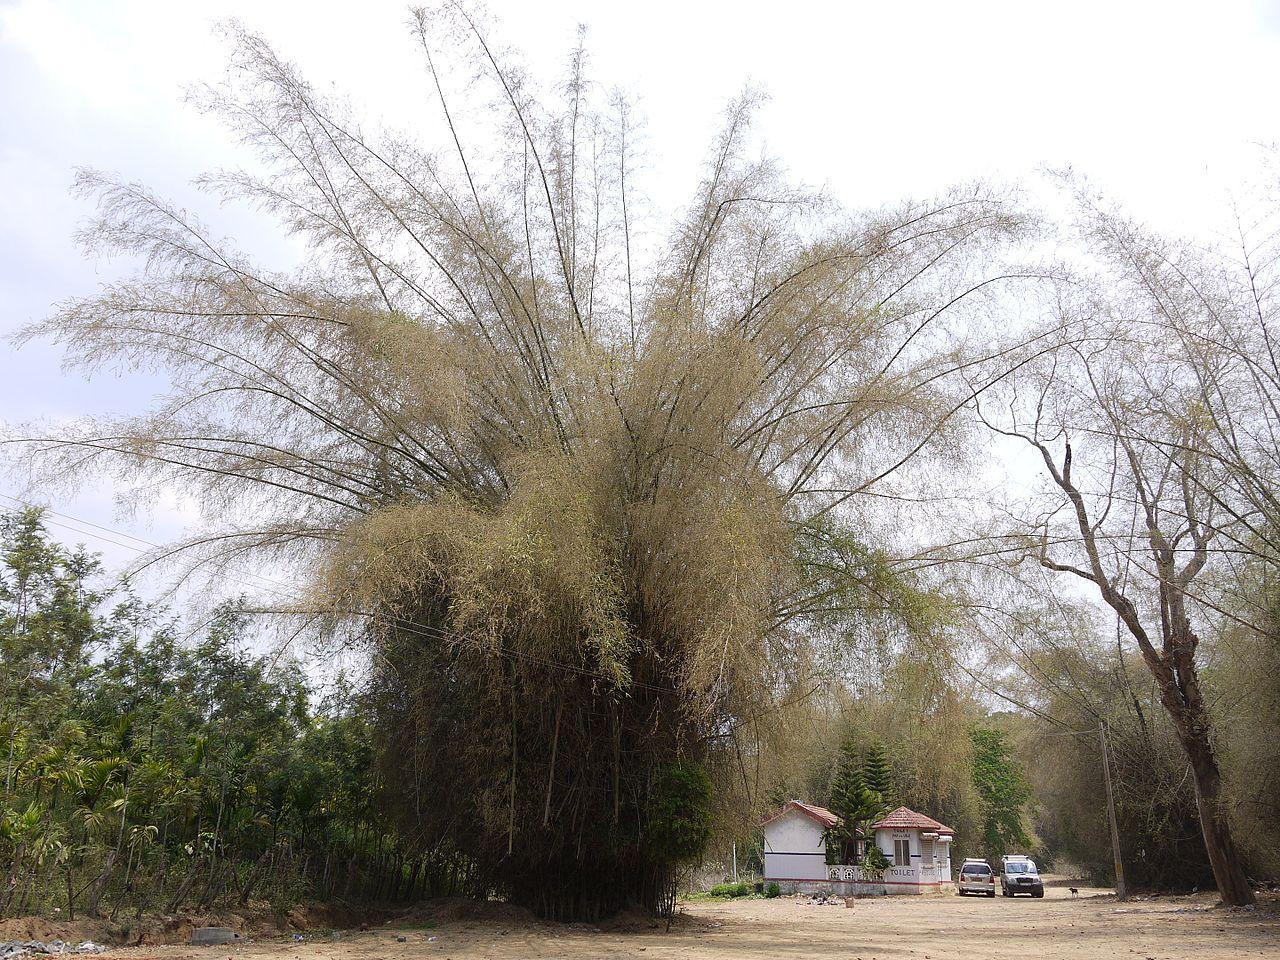 Bambusa floreciendo, tras lo cual morirá